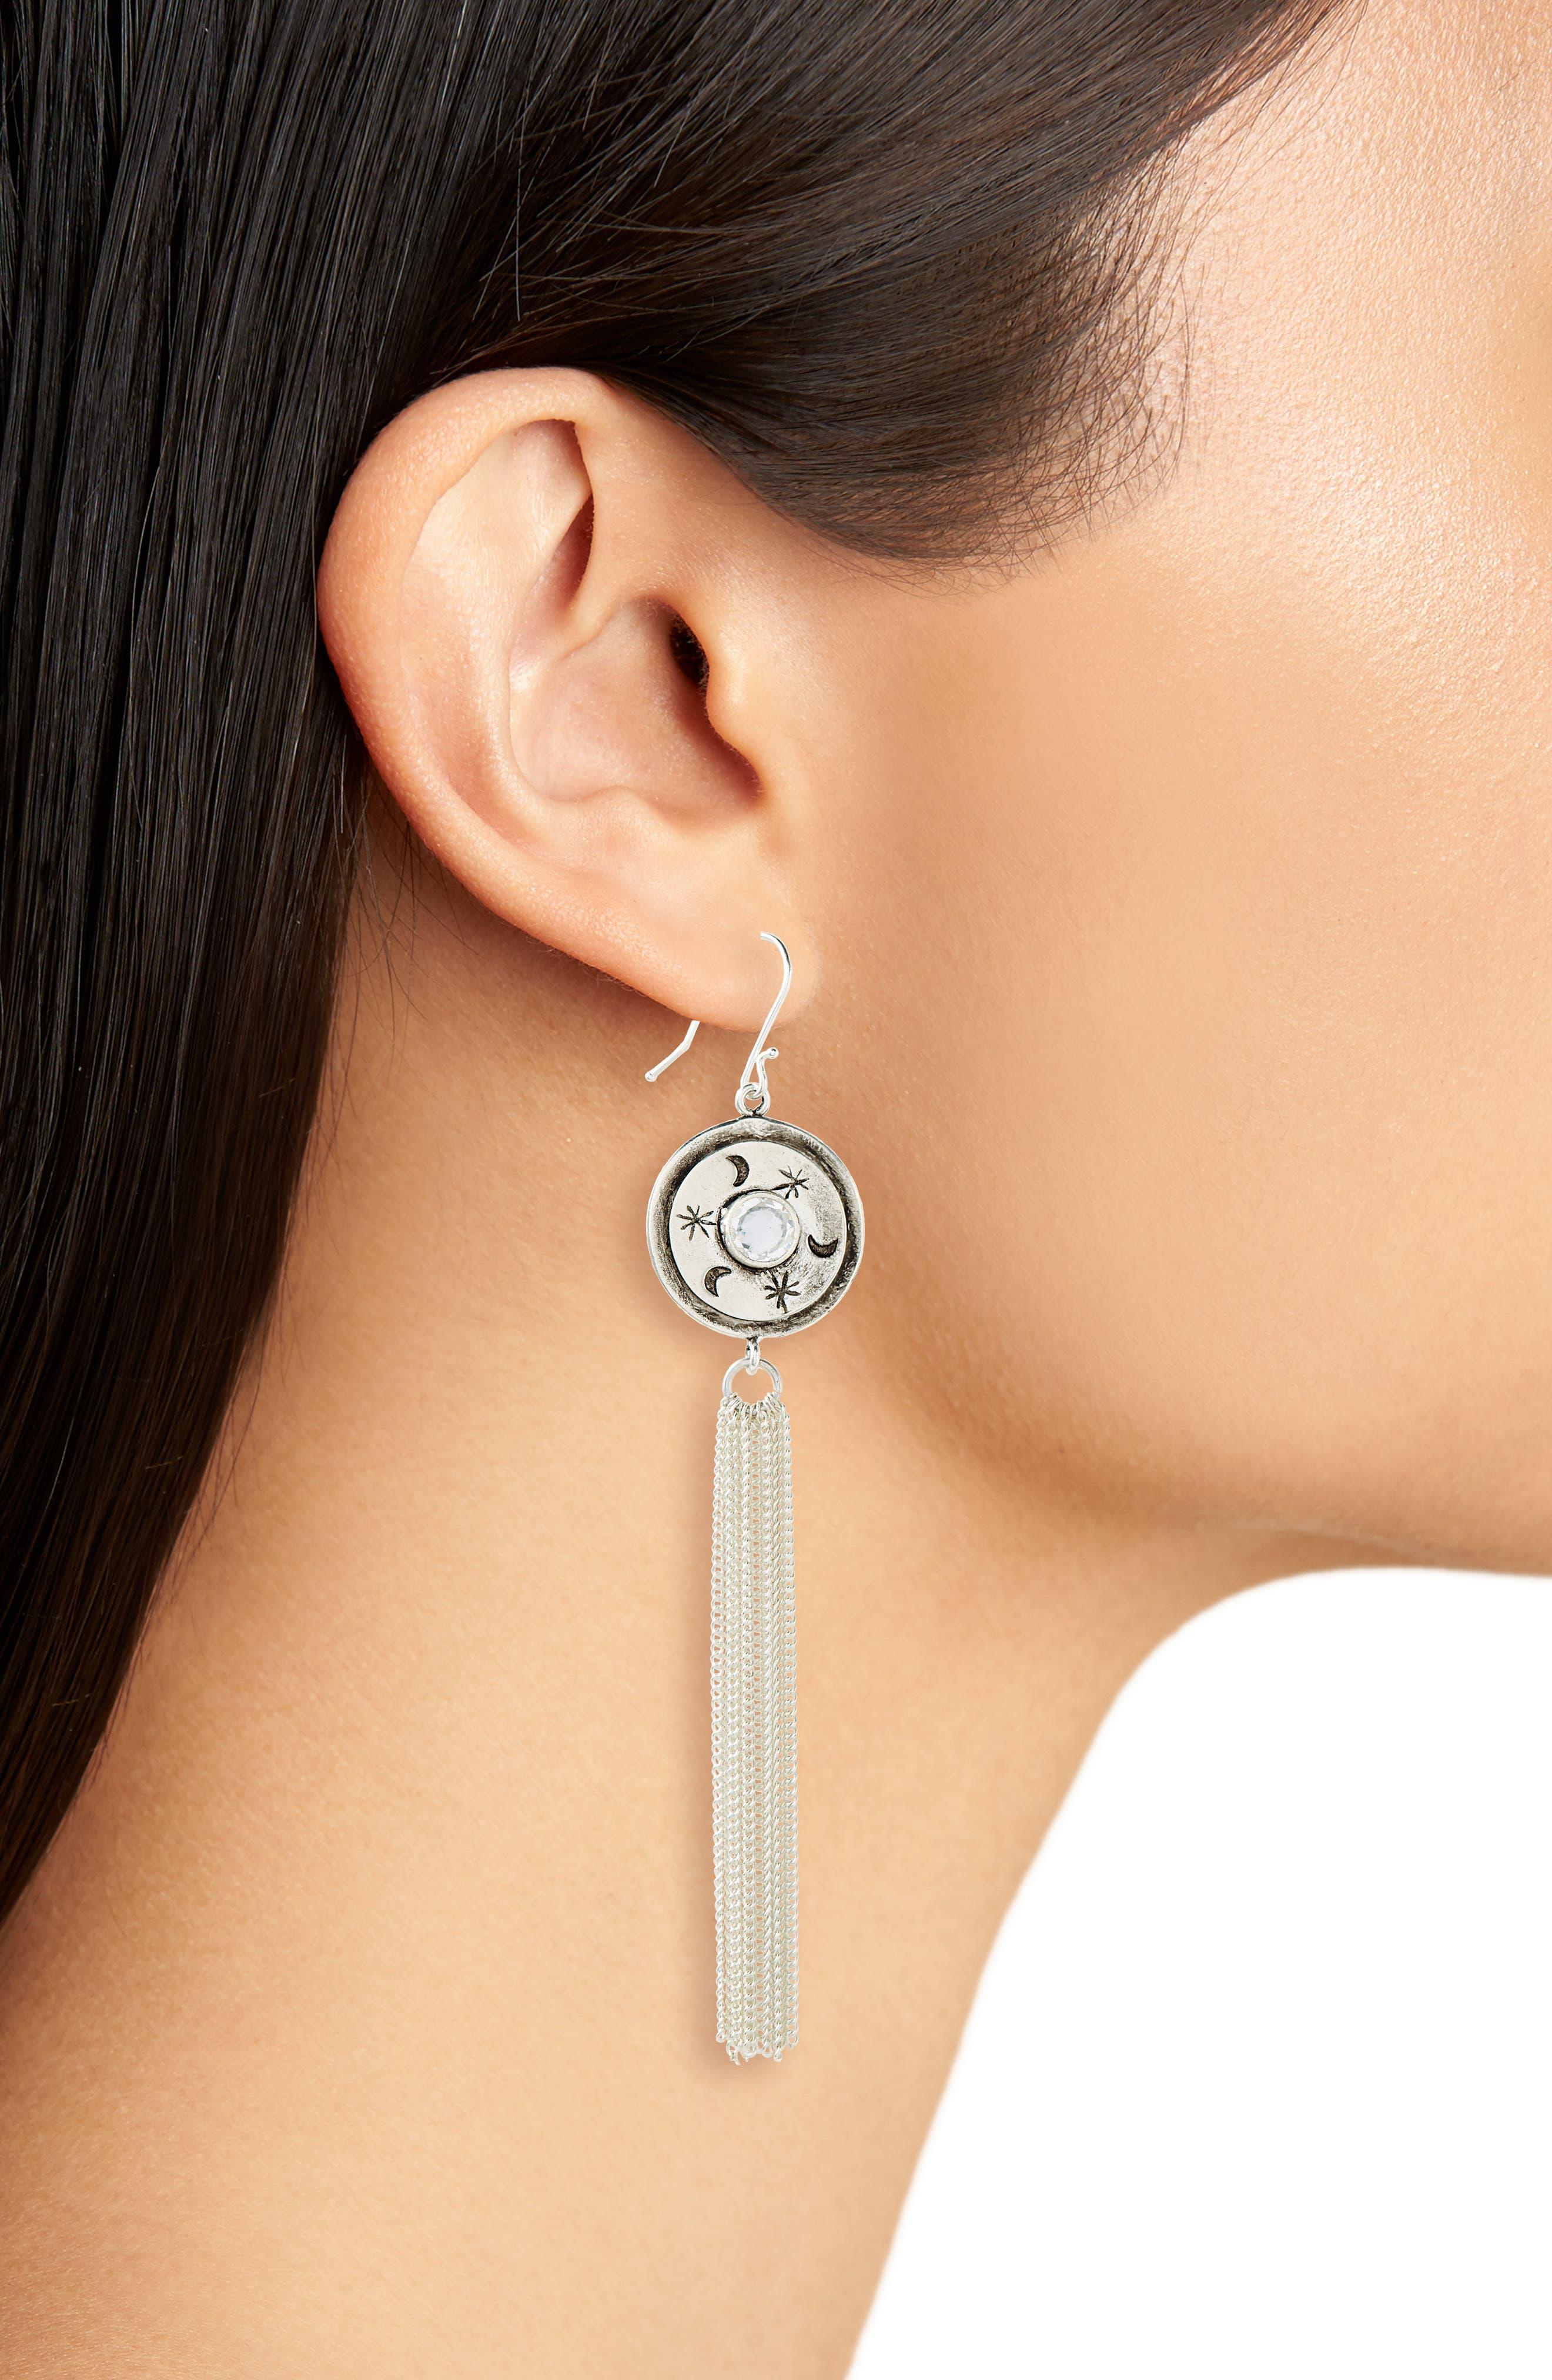 Mother Goddess Fringe Earrings,                             Alternate thumbnail 2, color,                             Silver